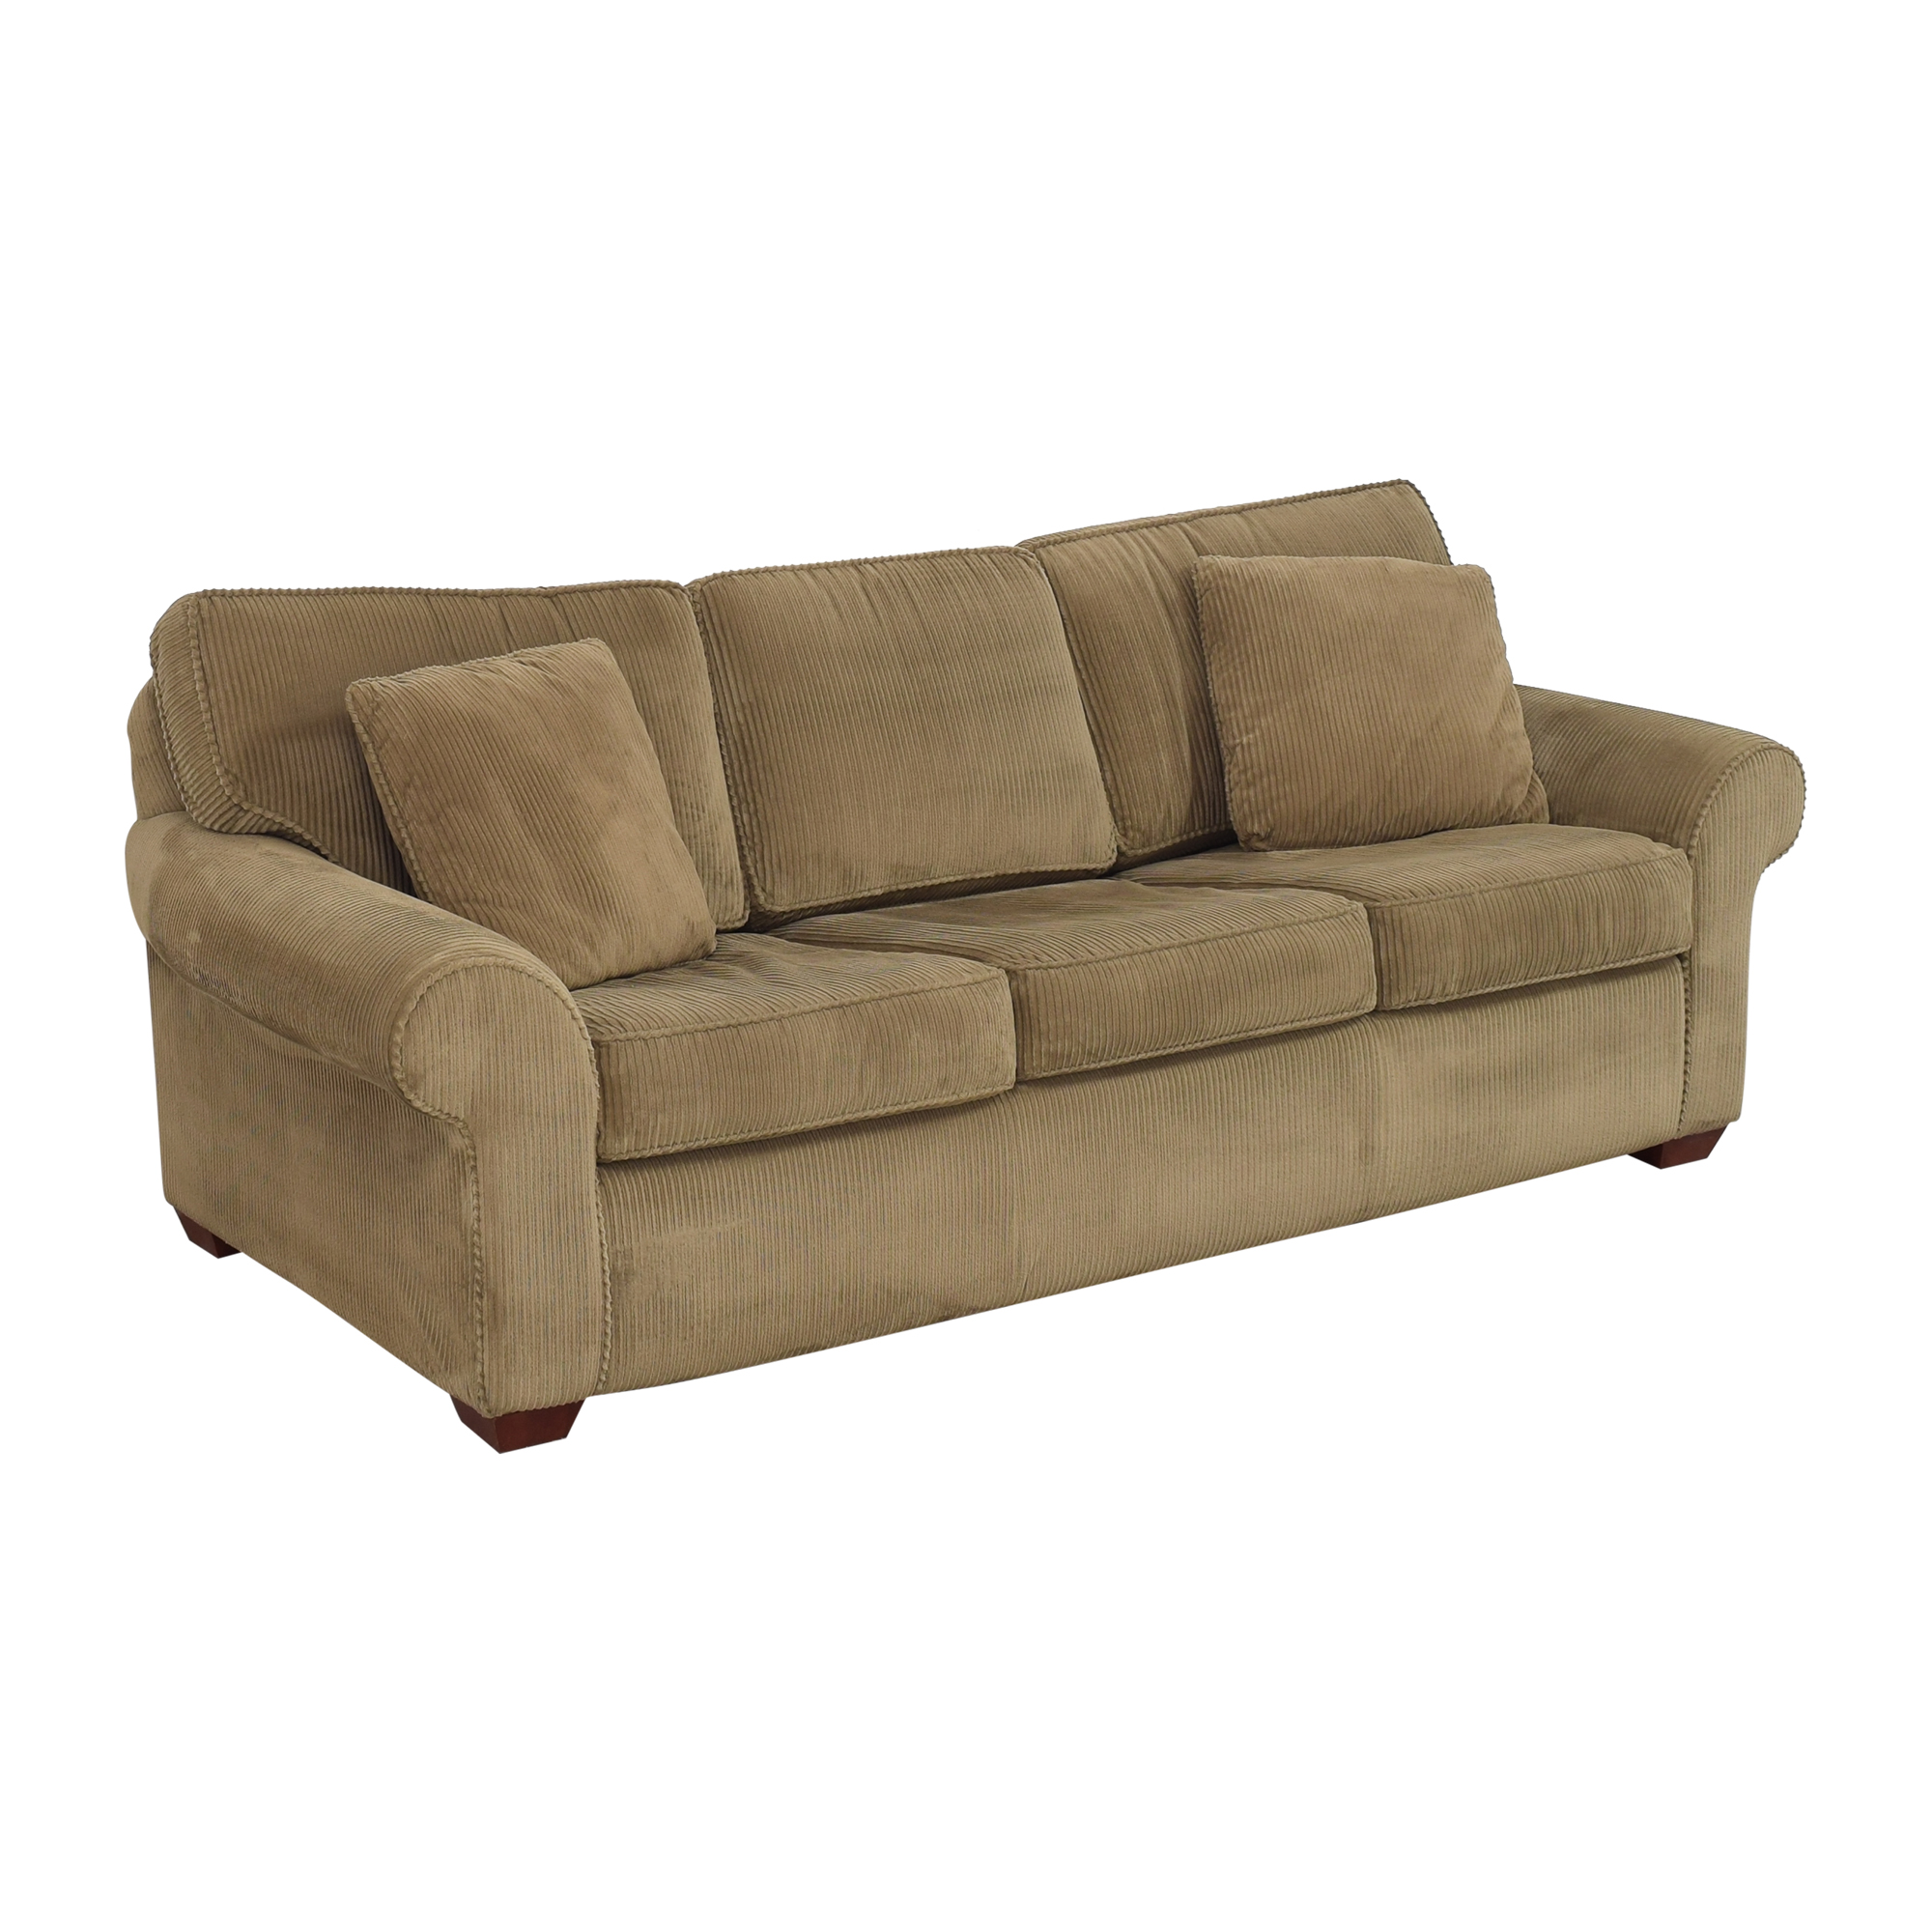 Sealy Sealy Three Cushion Sleeper Sofa Sofas